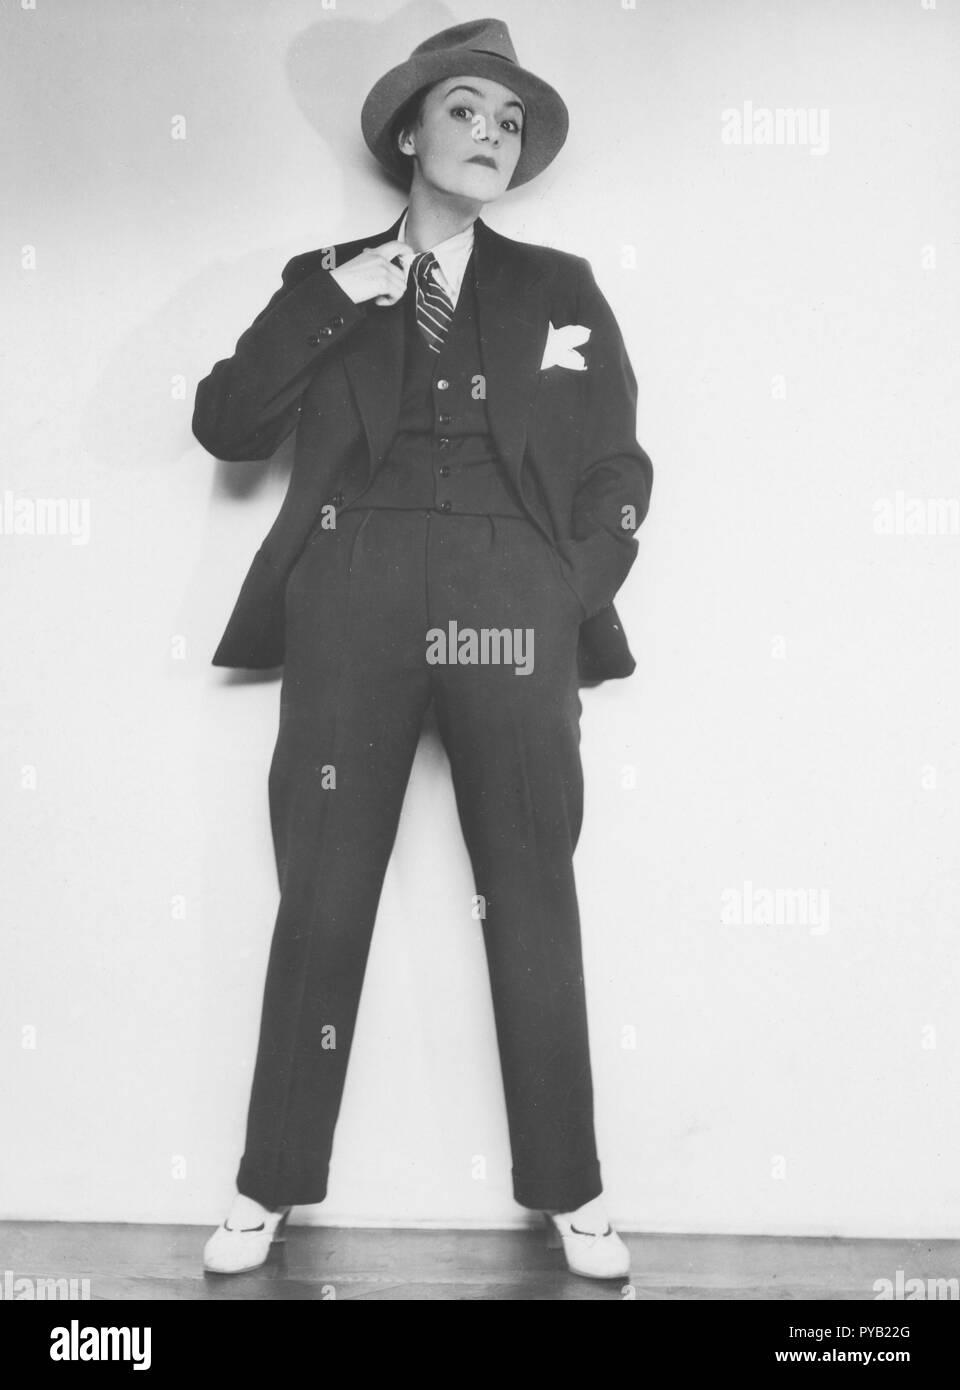 Frauen in der Mens Fashion in den 1930er Jahren. Schwedische Schauspielerin Isa Quensel, 1905-1981. Hier abgebildet in Gangster wie mens gekleidet. Kostüm, Hemd und eine Krawatte mit passendem Hut. Alle für ihre Rolle in einem Theaterstück, in den 1930er Jahren. Stockbild